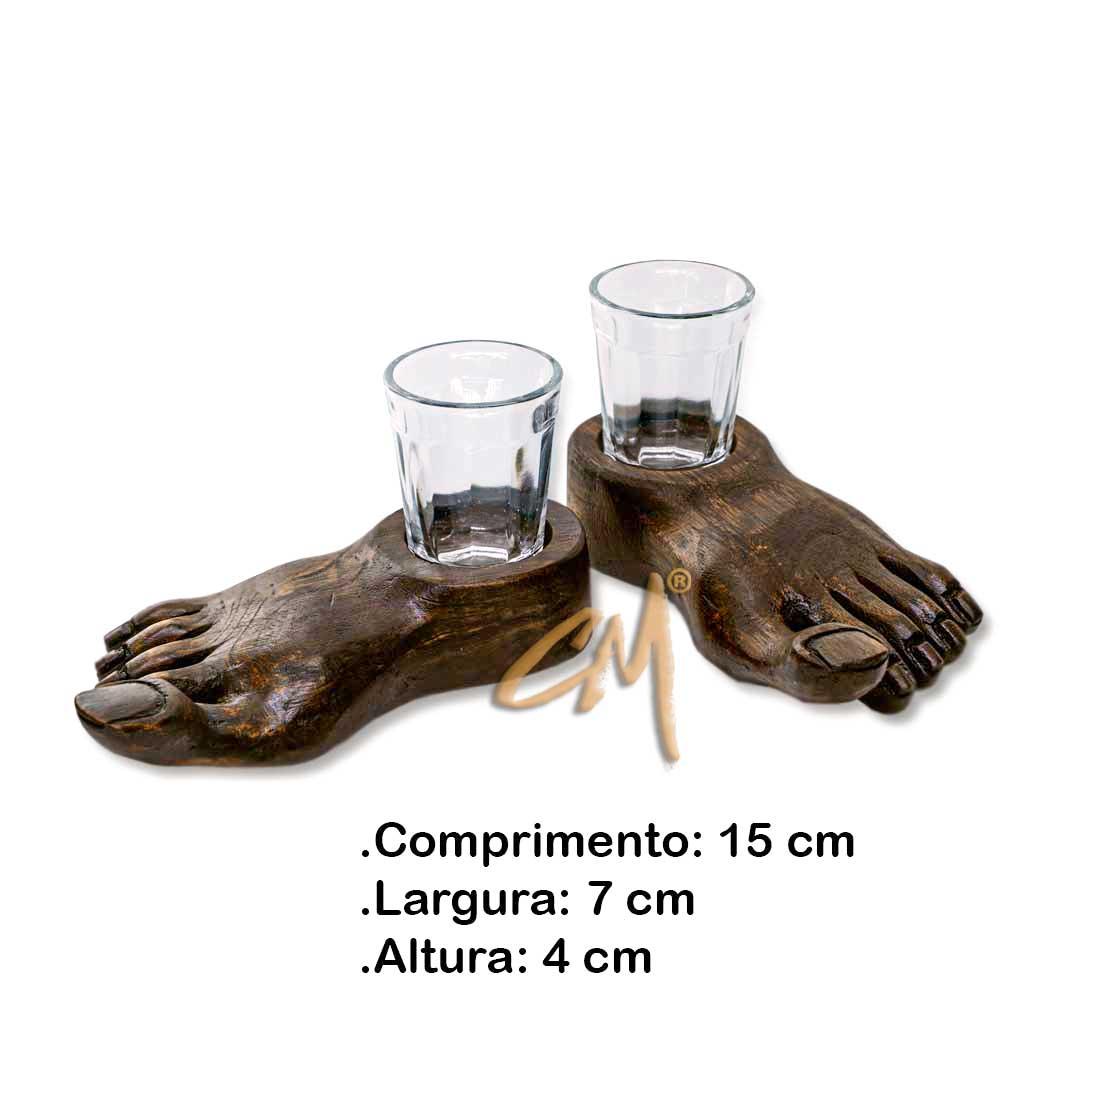 Pezinhos Confidências Mineiras (Tiradentes - MG)